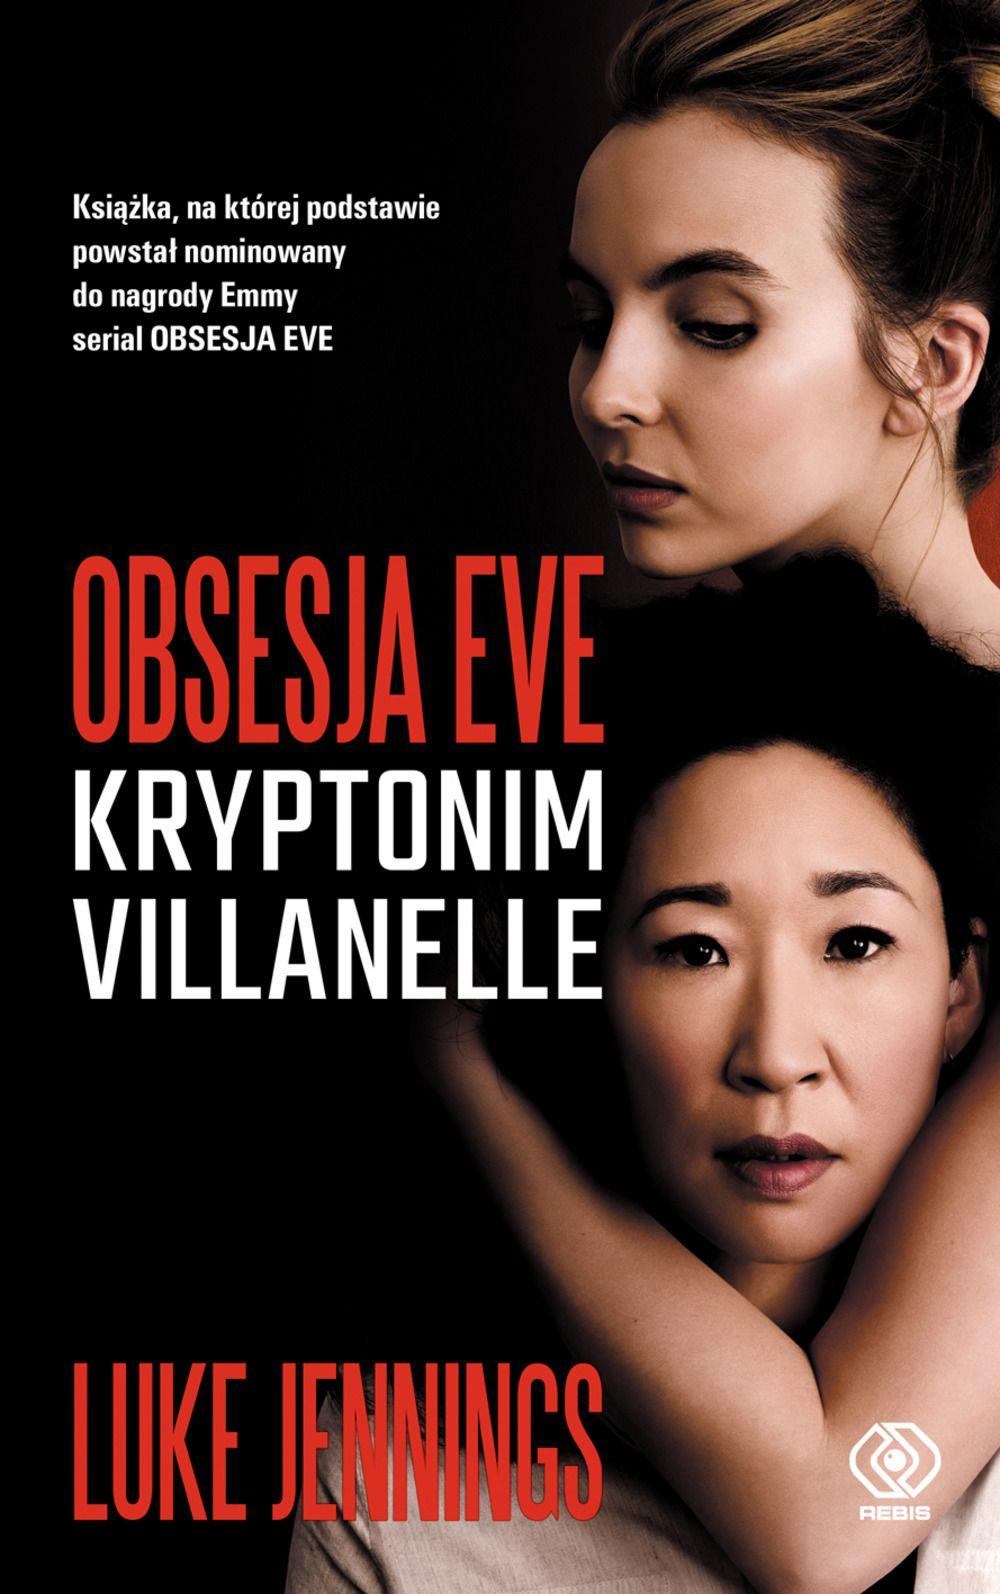 Obsesja Eve. Kryptonim Villanelle - okładka